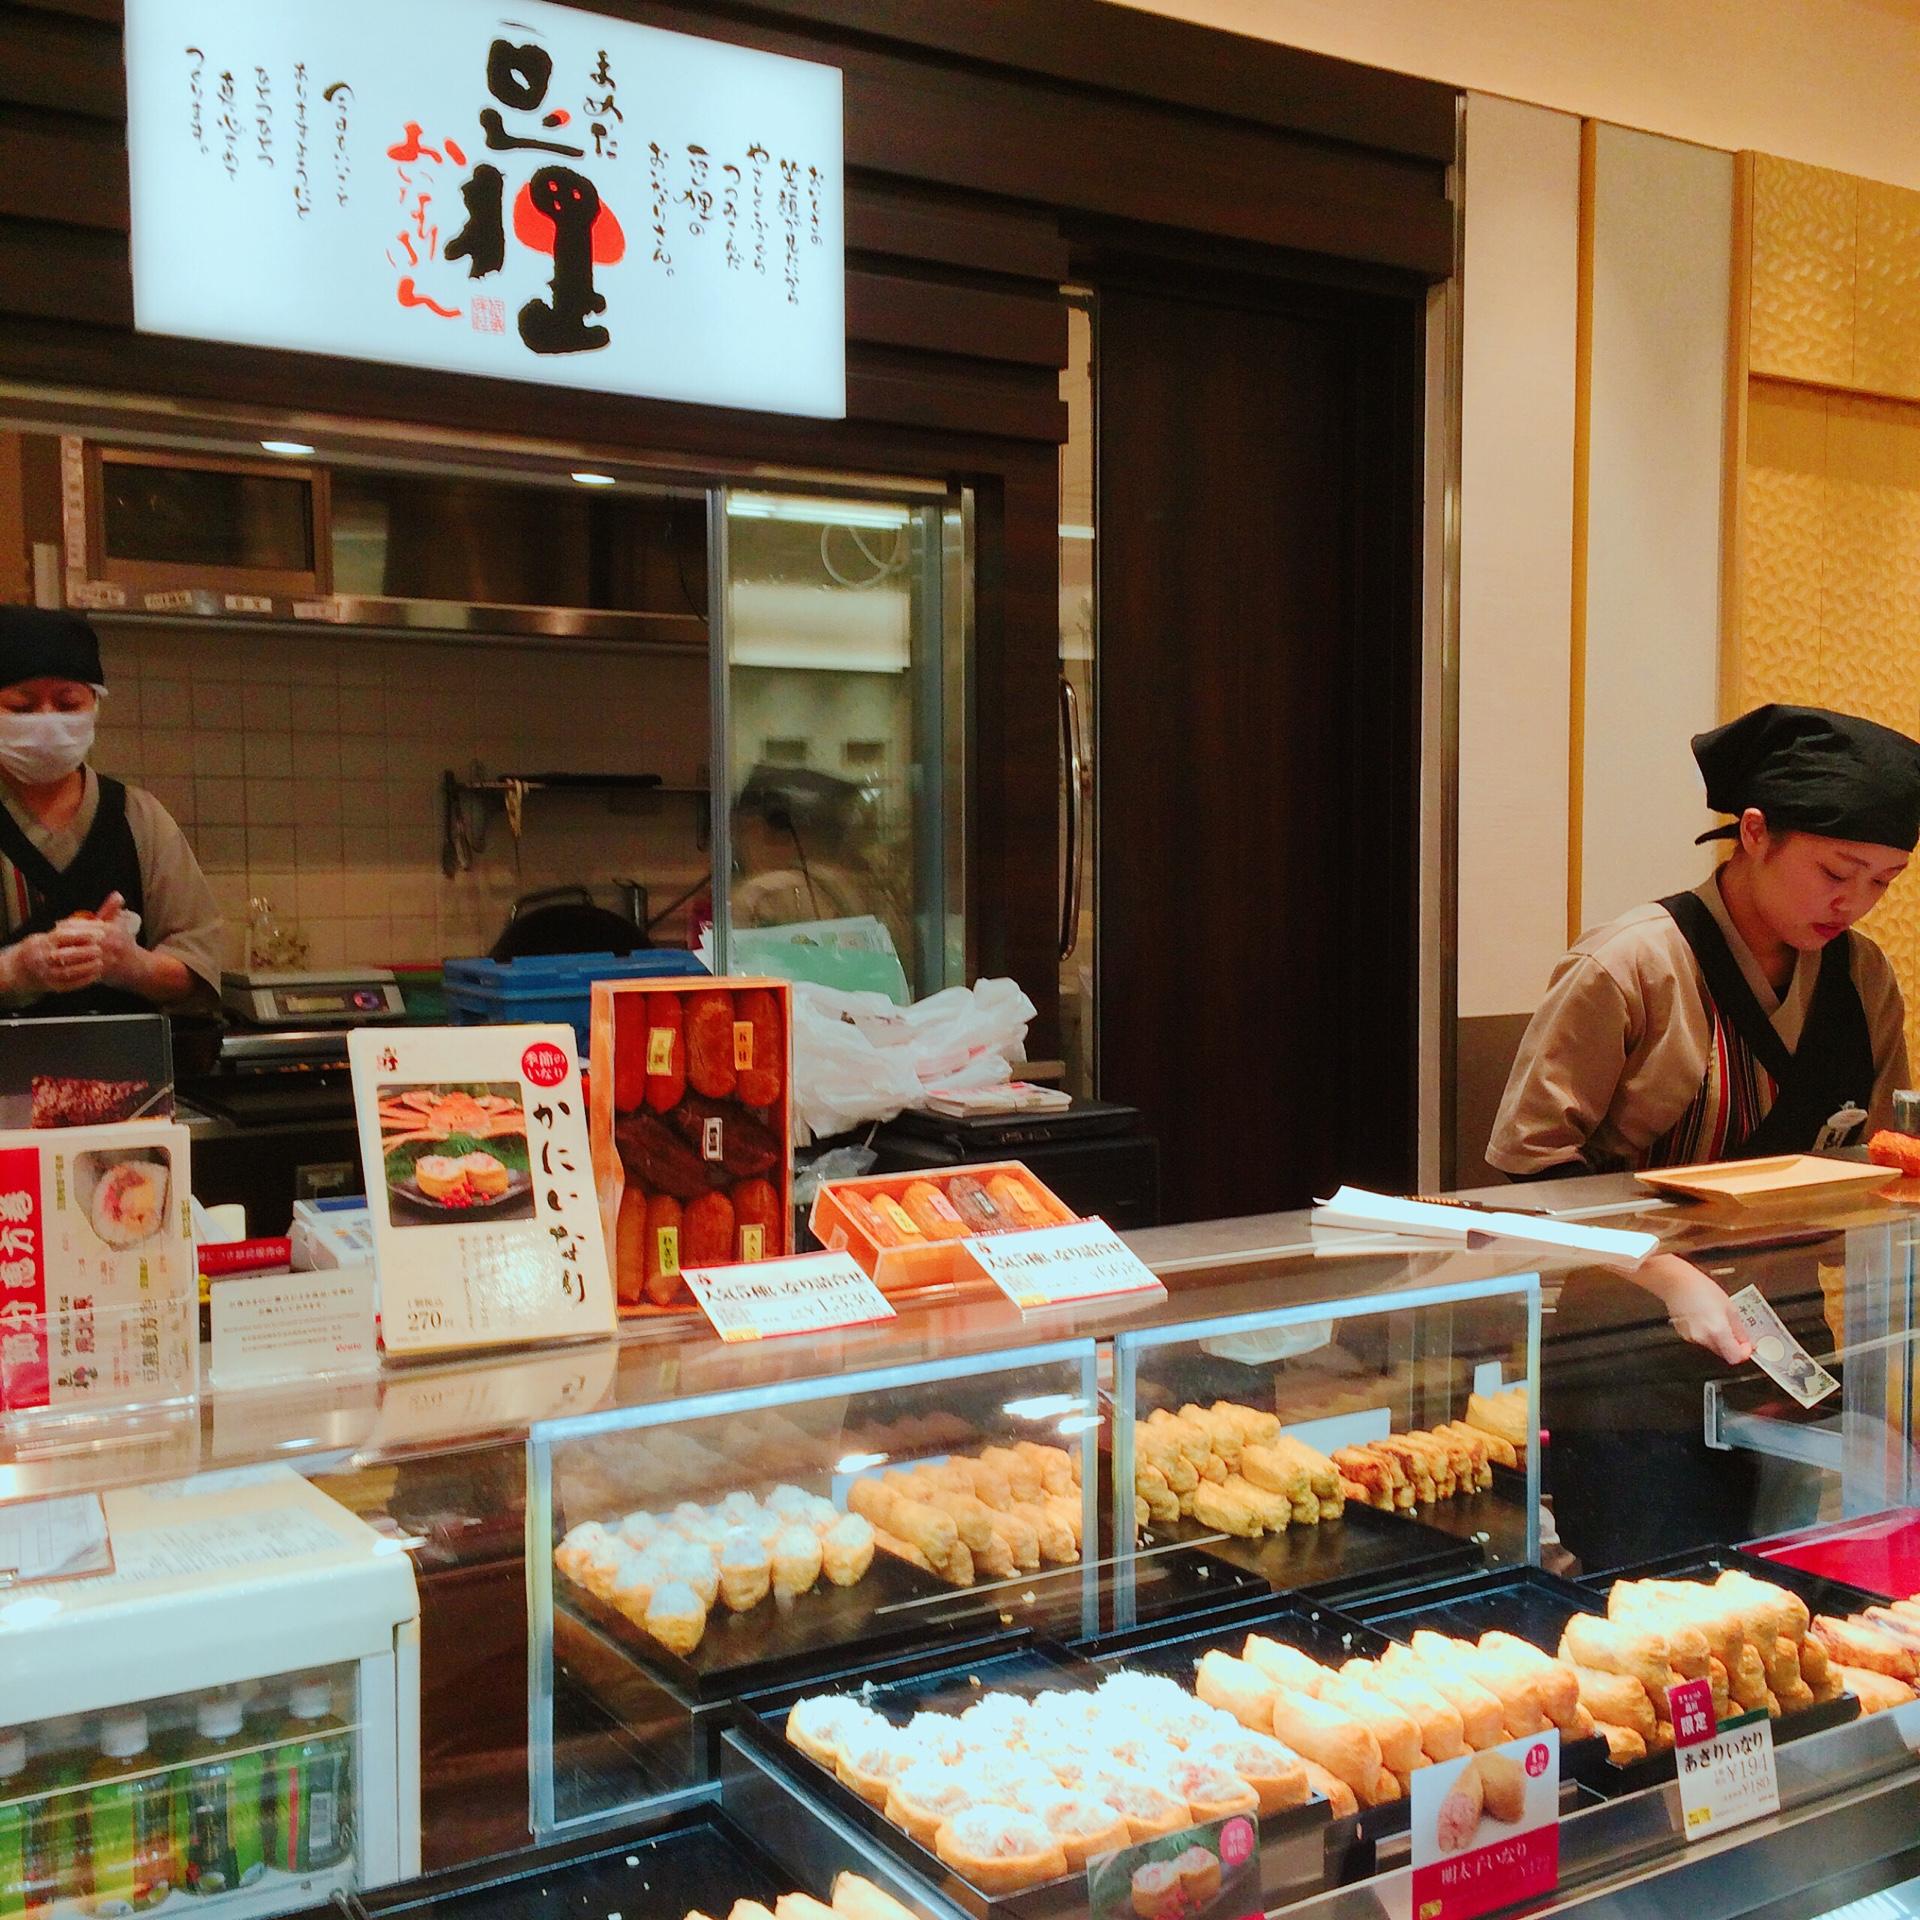 【品川】豆狸/絶品いなり寿司が食べたいならココ。匂わず、食べやすく、新幹線車内での食事にも最適なのです。